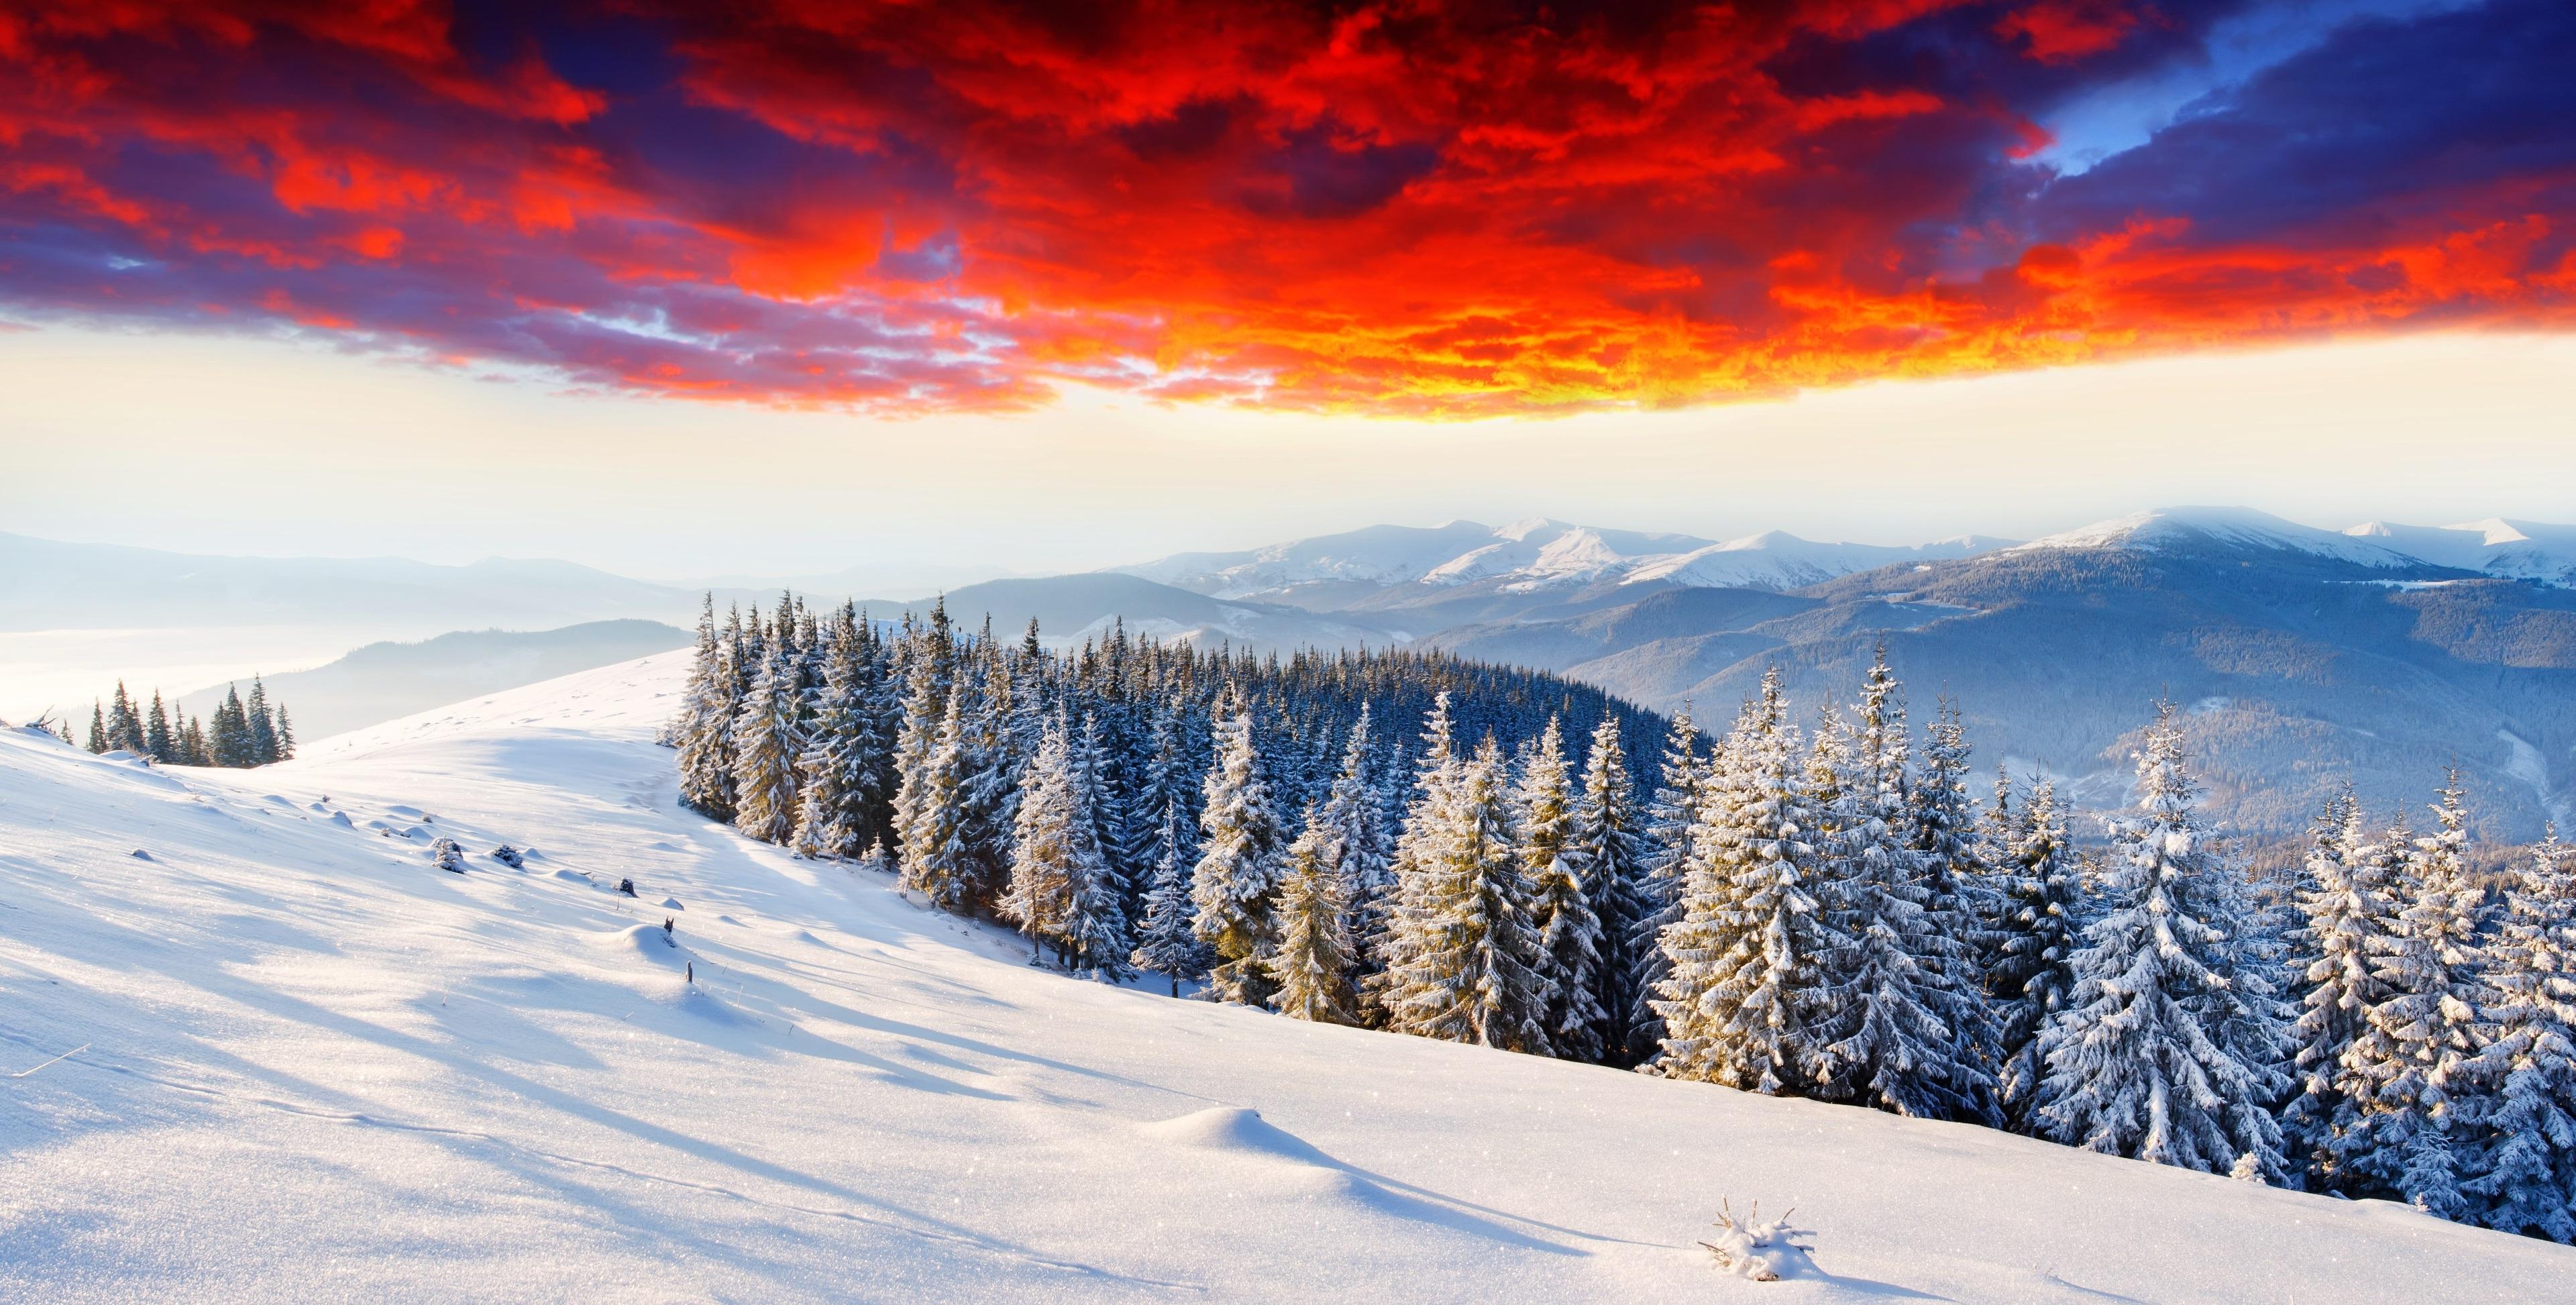 Winter Mountains 4k 3840x1945 Download Hd Wallpaper Wallpapertip